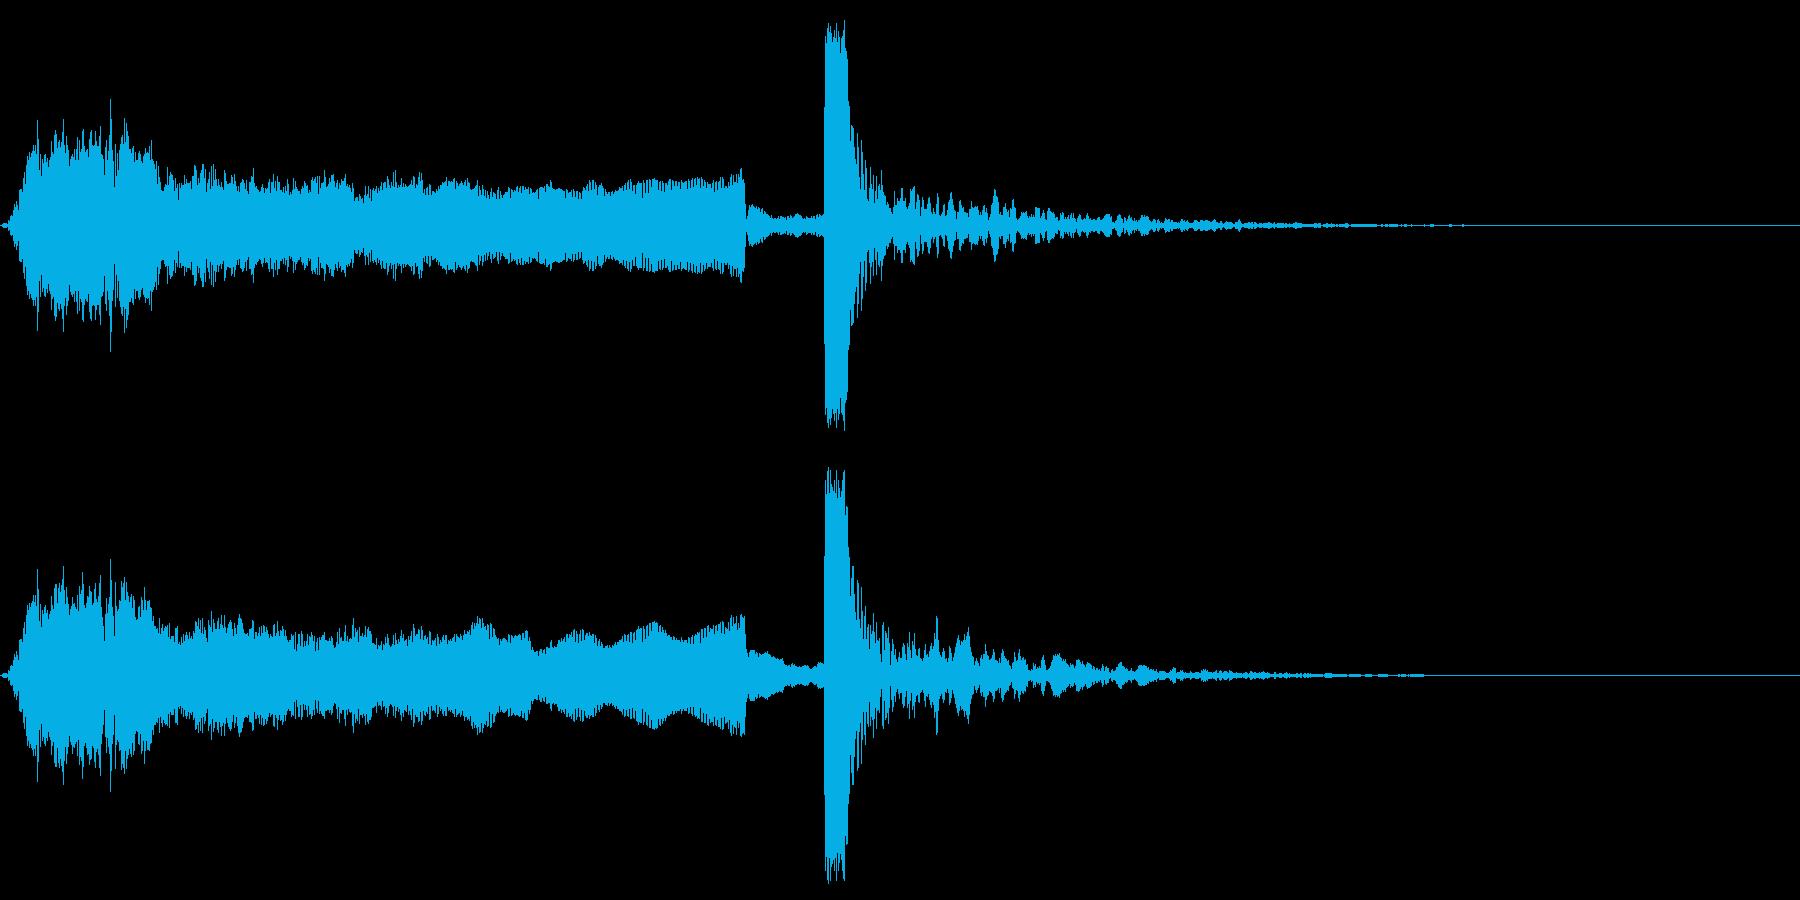 定番の「いよ〜PON!」和風SEの再生済みの波形